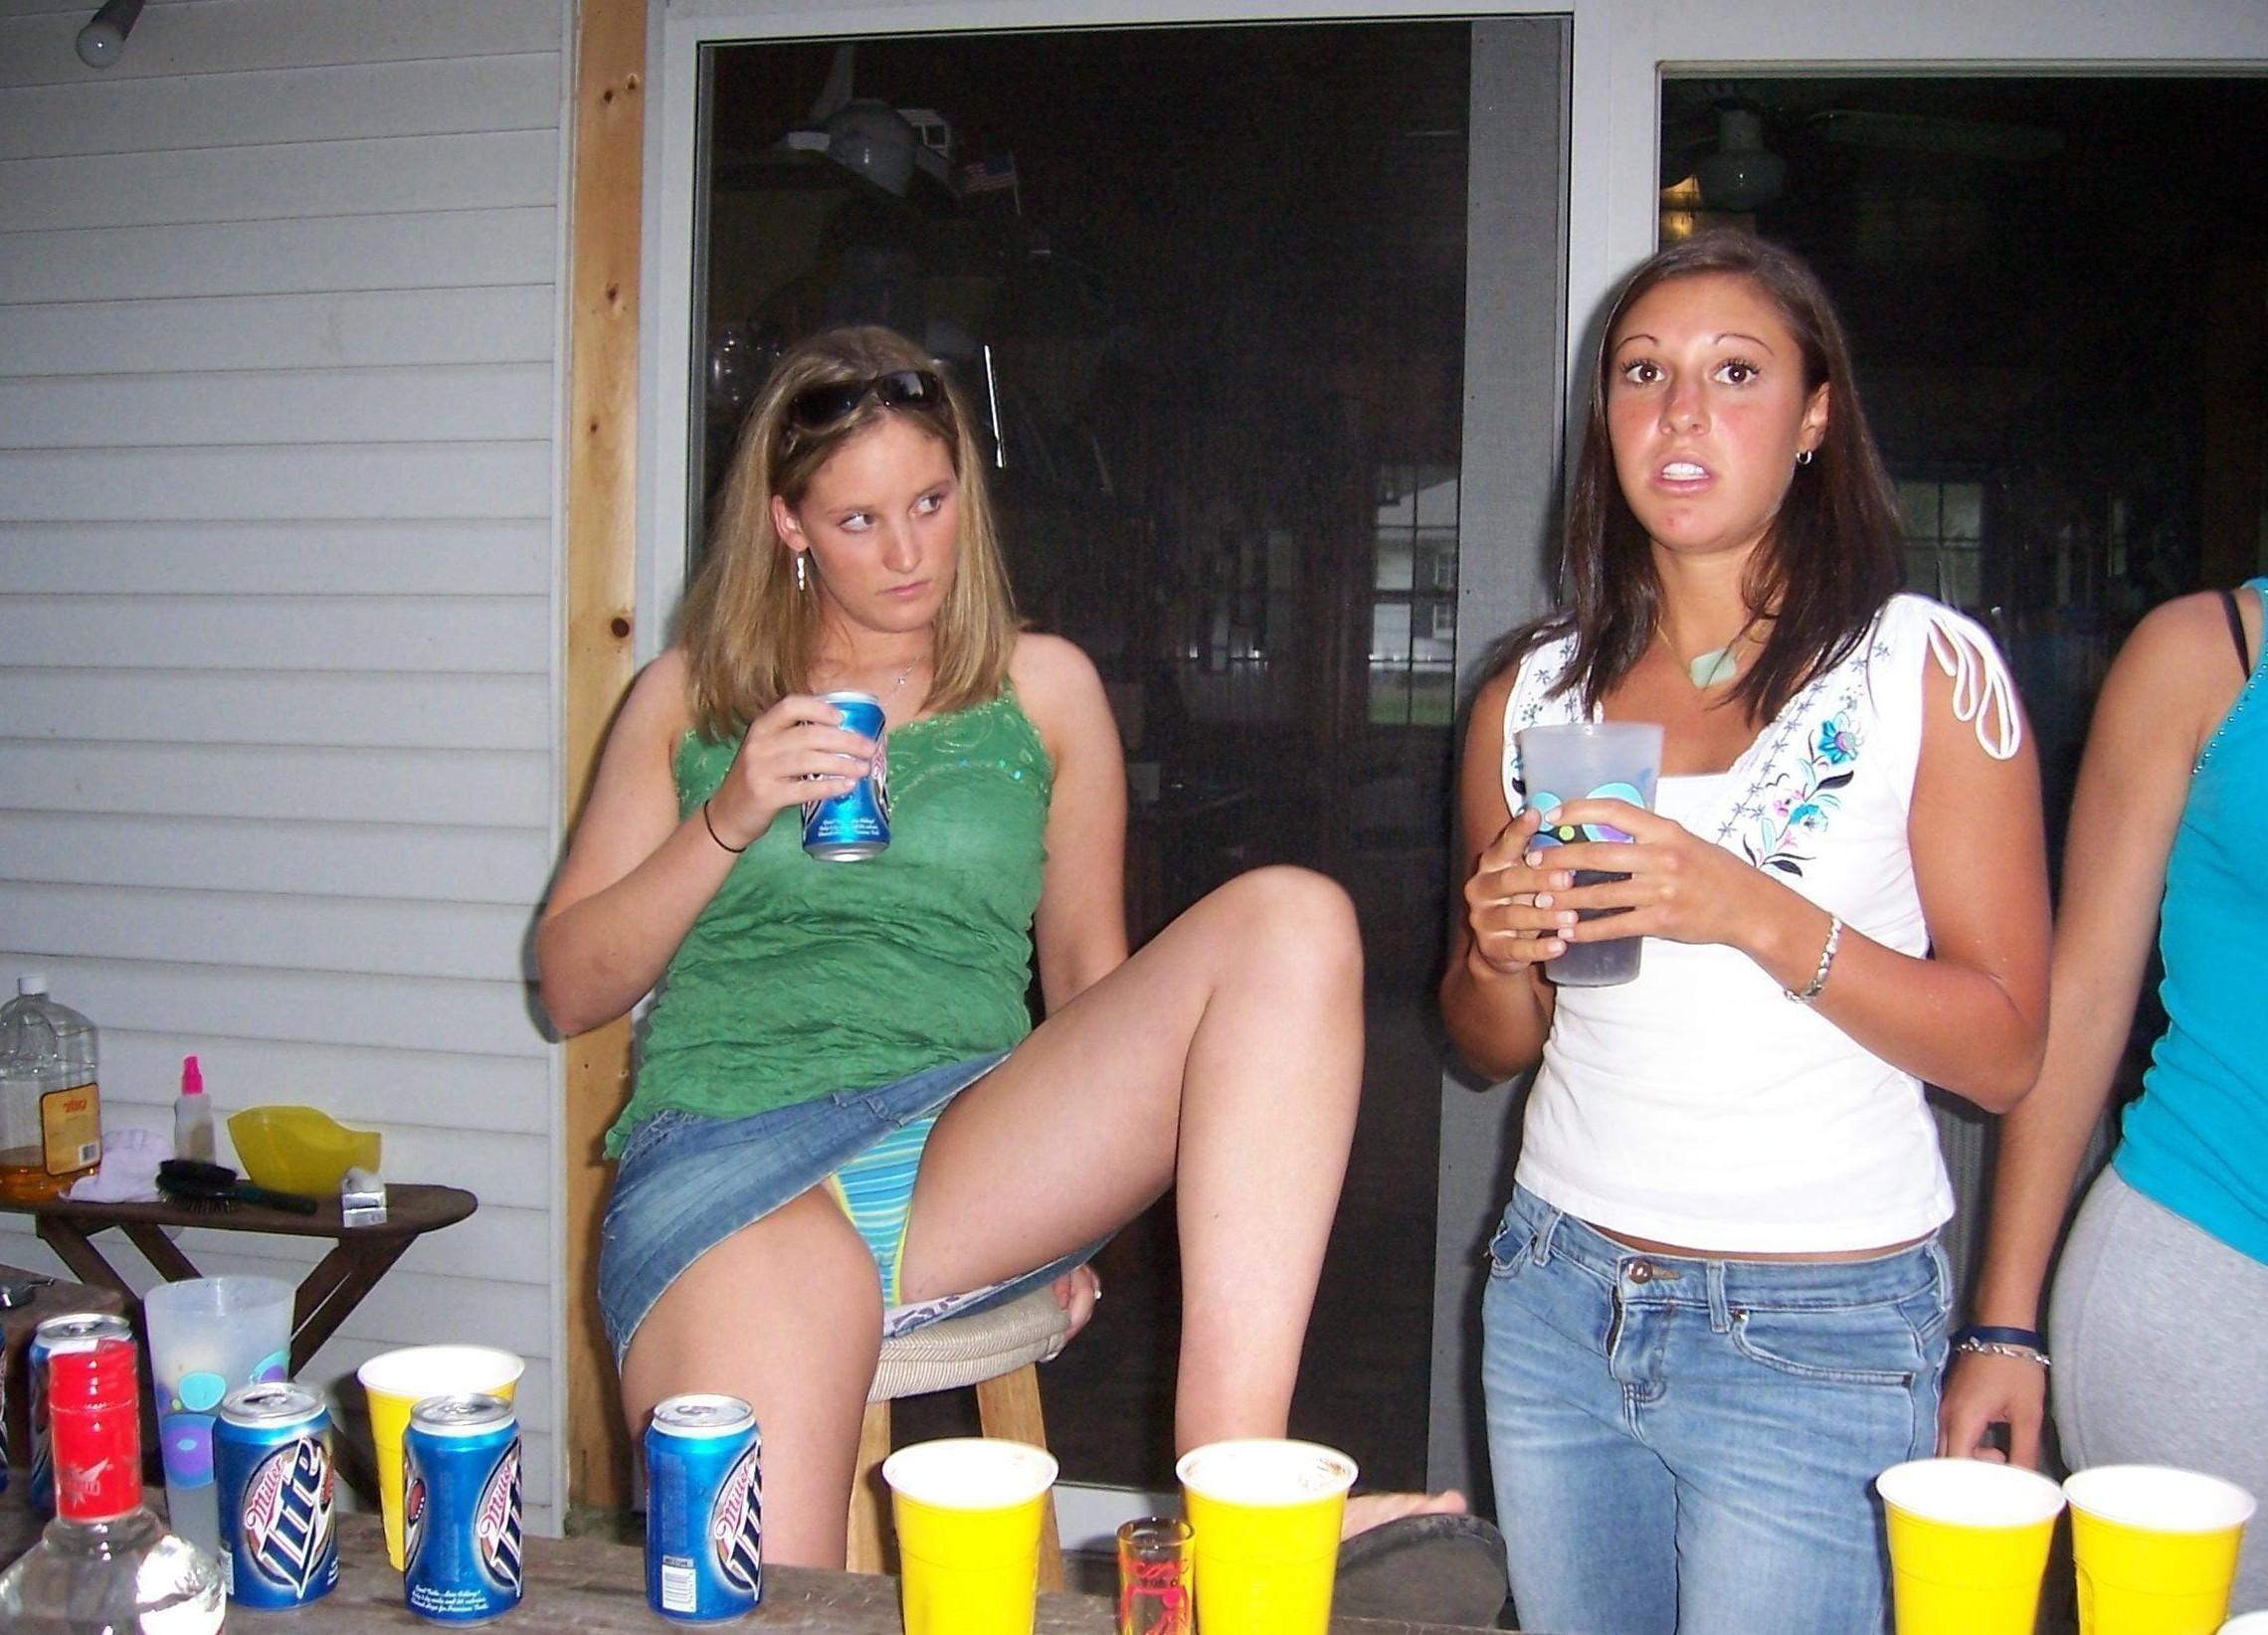 Lesbianas piernas calientes tacones altos